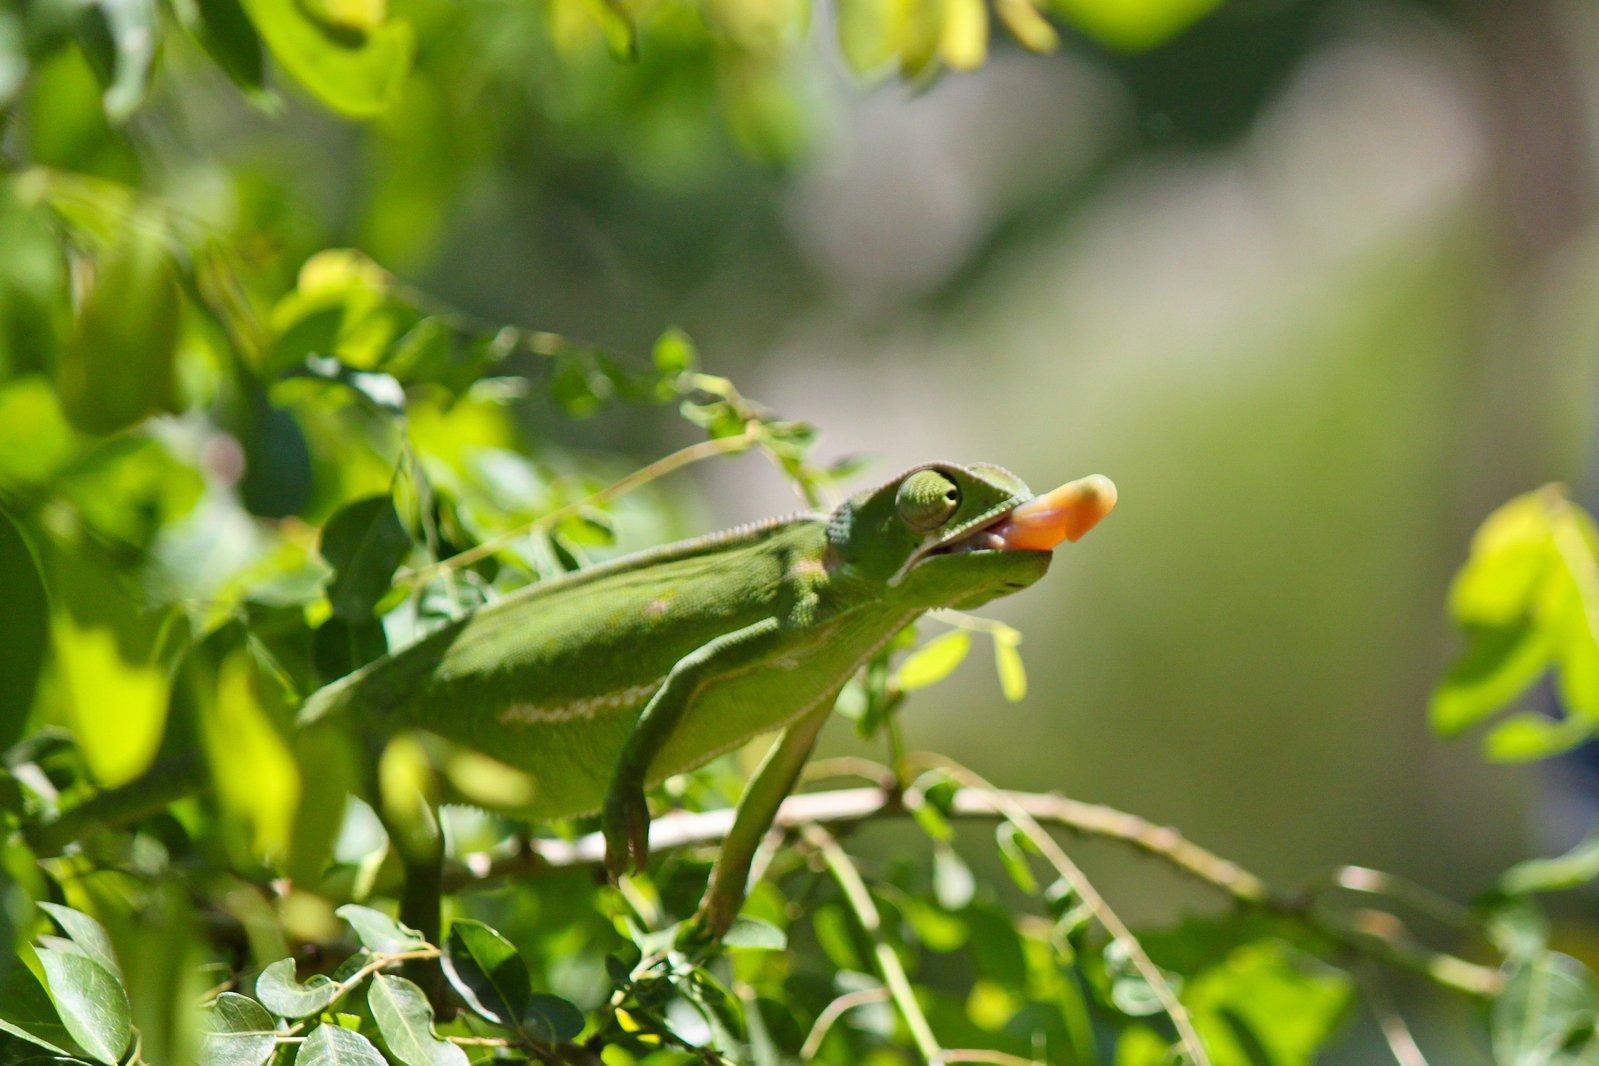 Chameleon Habitat